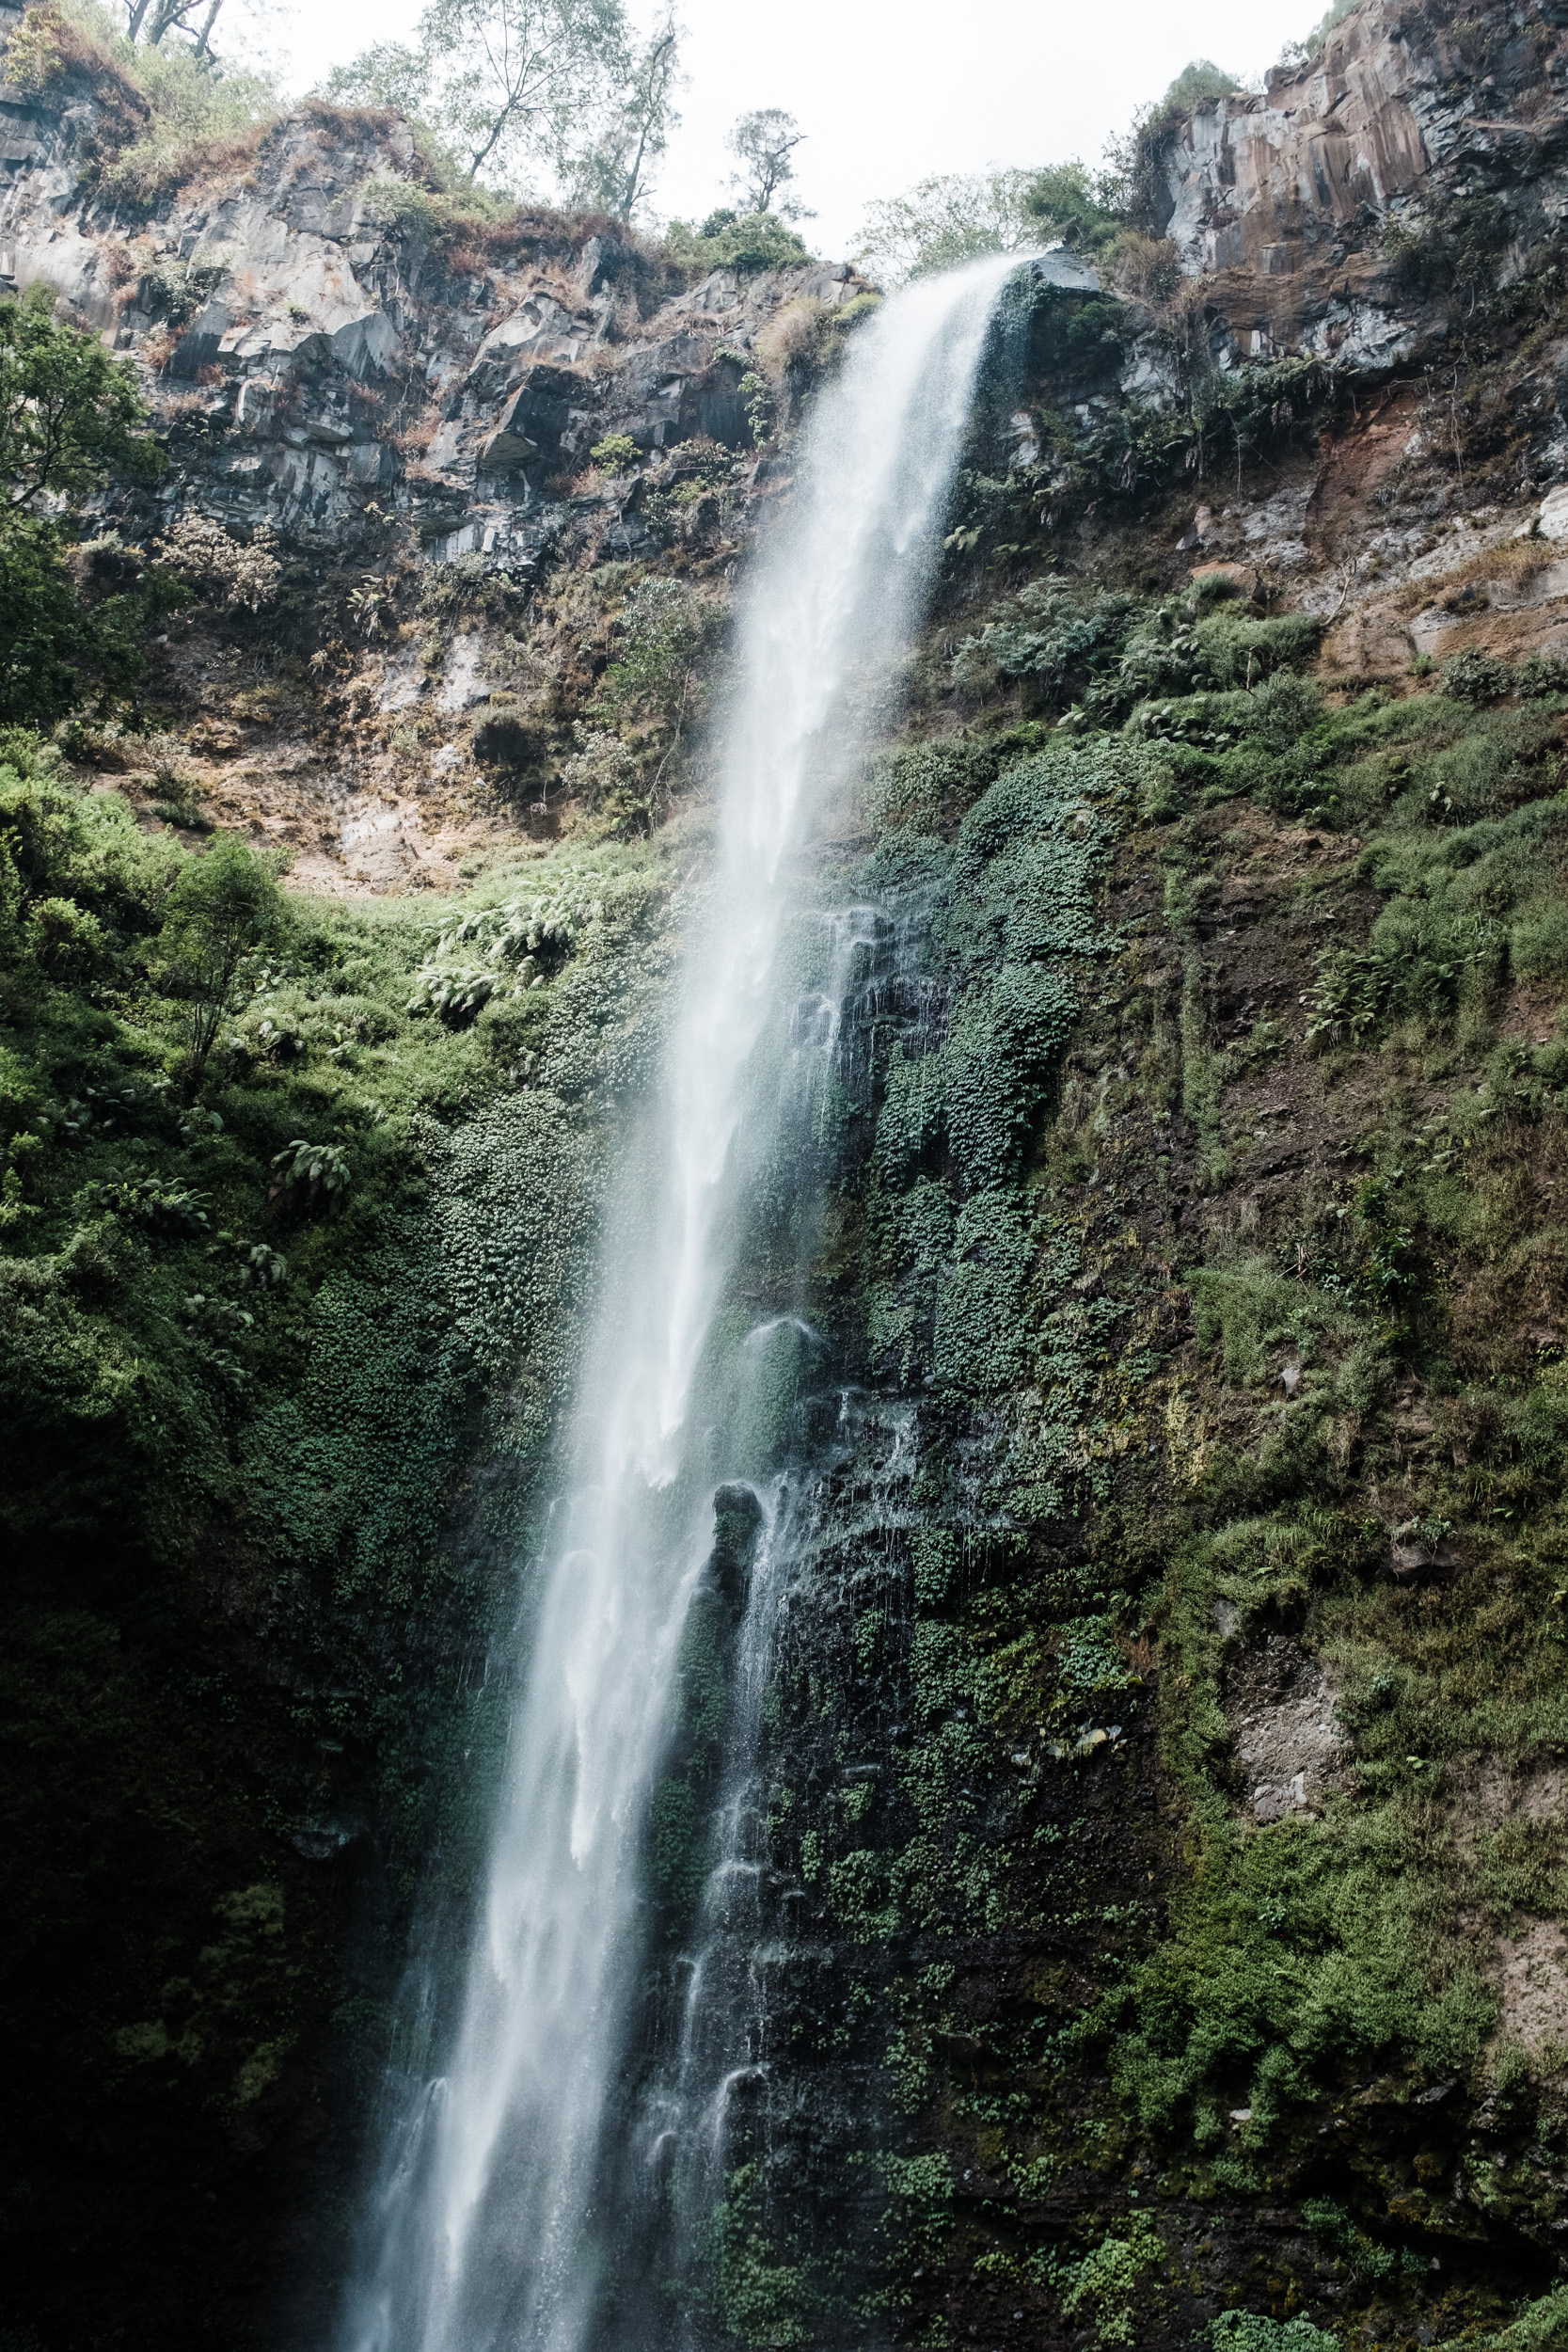 Wasserfall in Batu